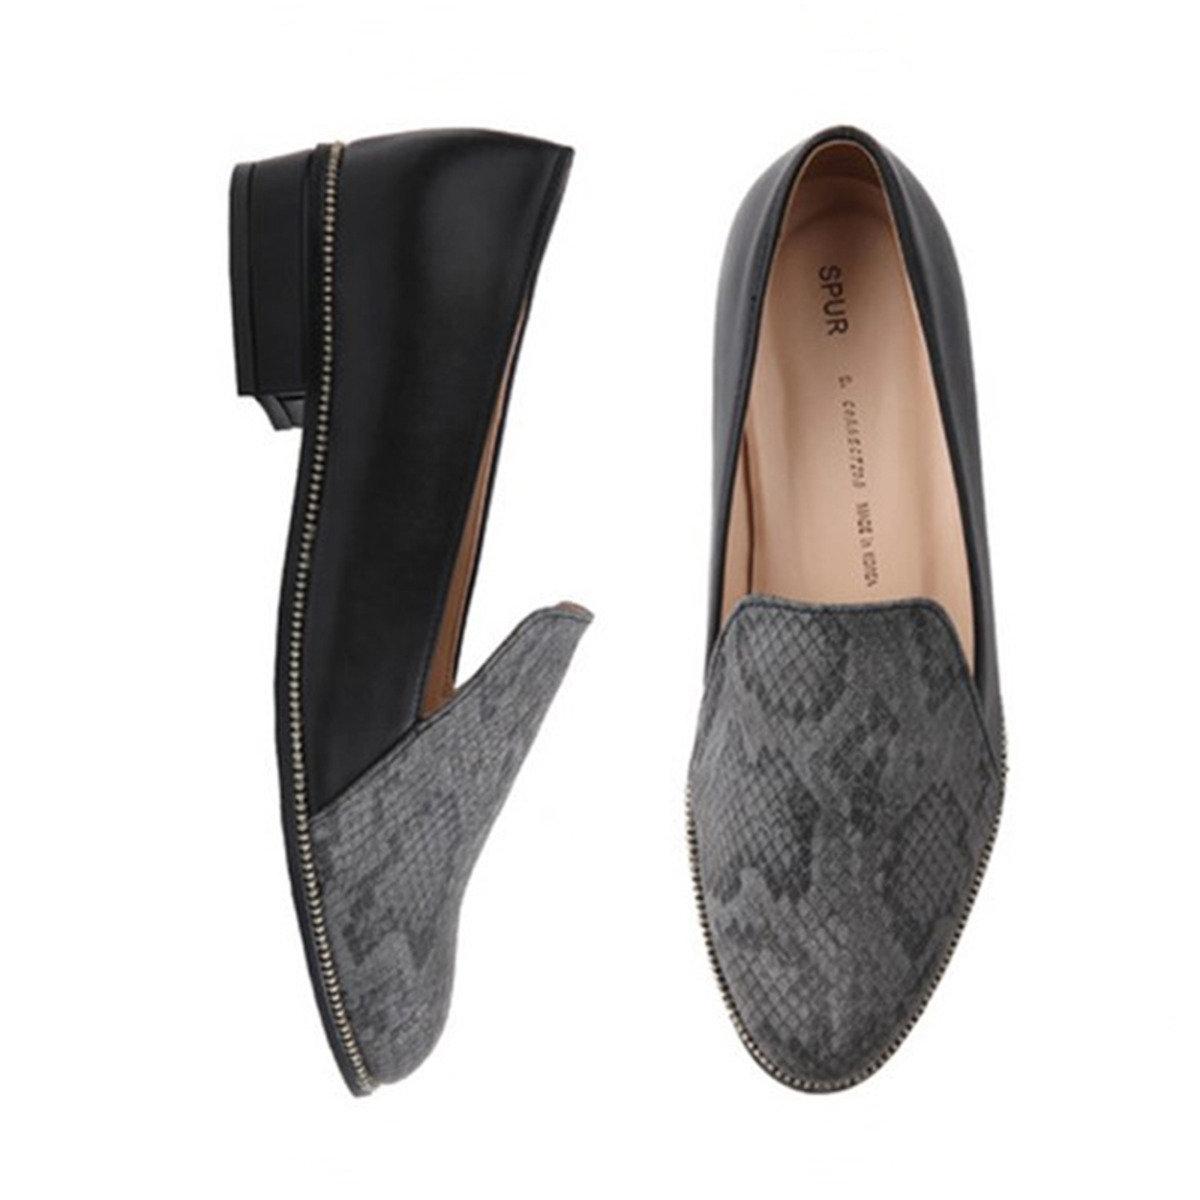 蛇紋平底鞋